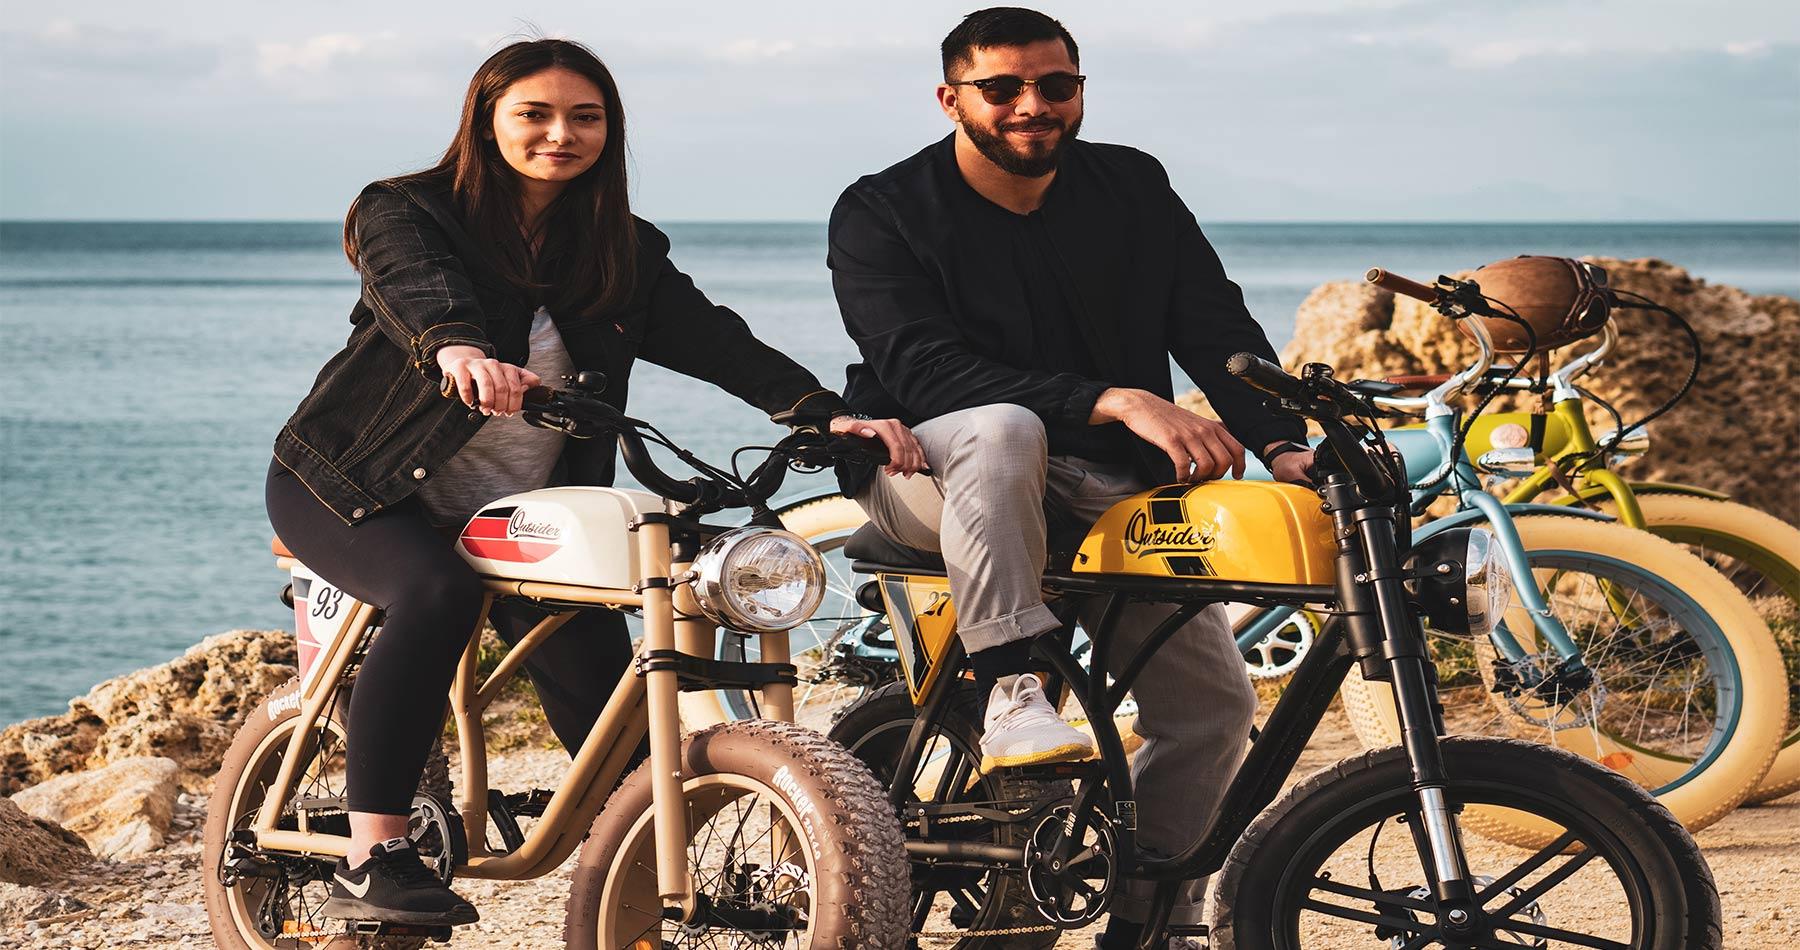 rhodes experiences odix retro bikes 13